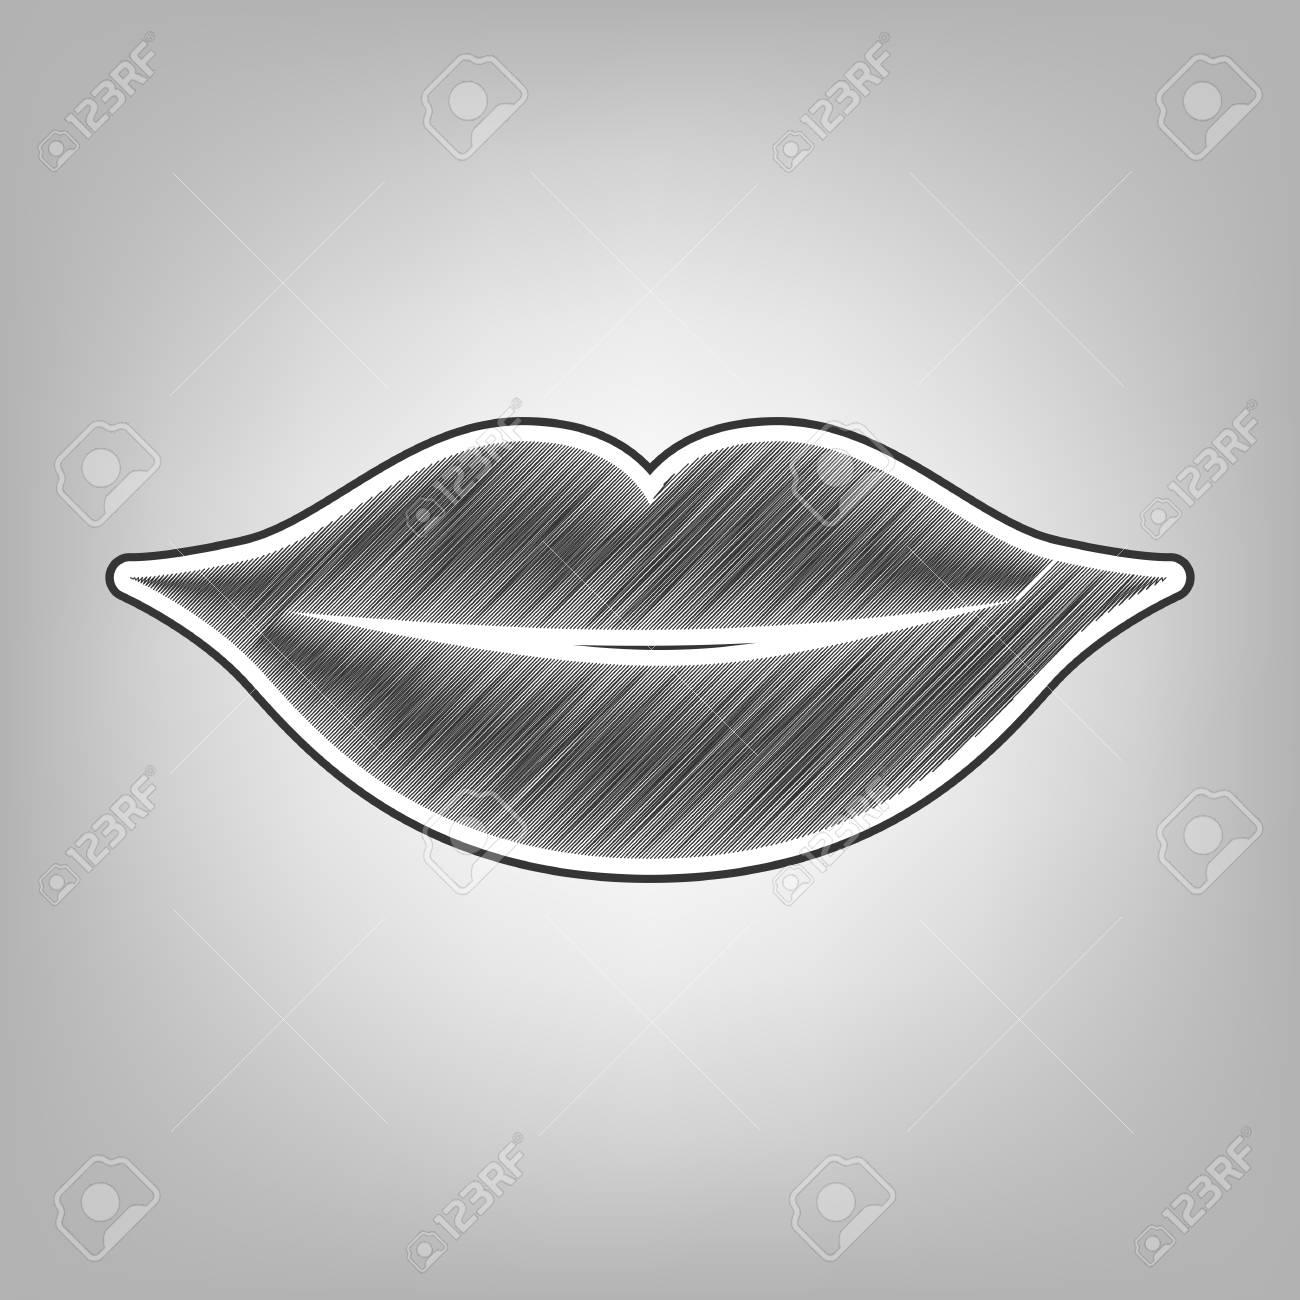 Lips sign illustration vector pencil sketch imitation dark